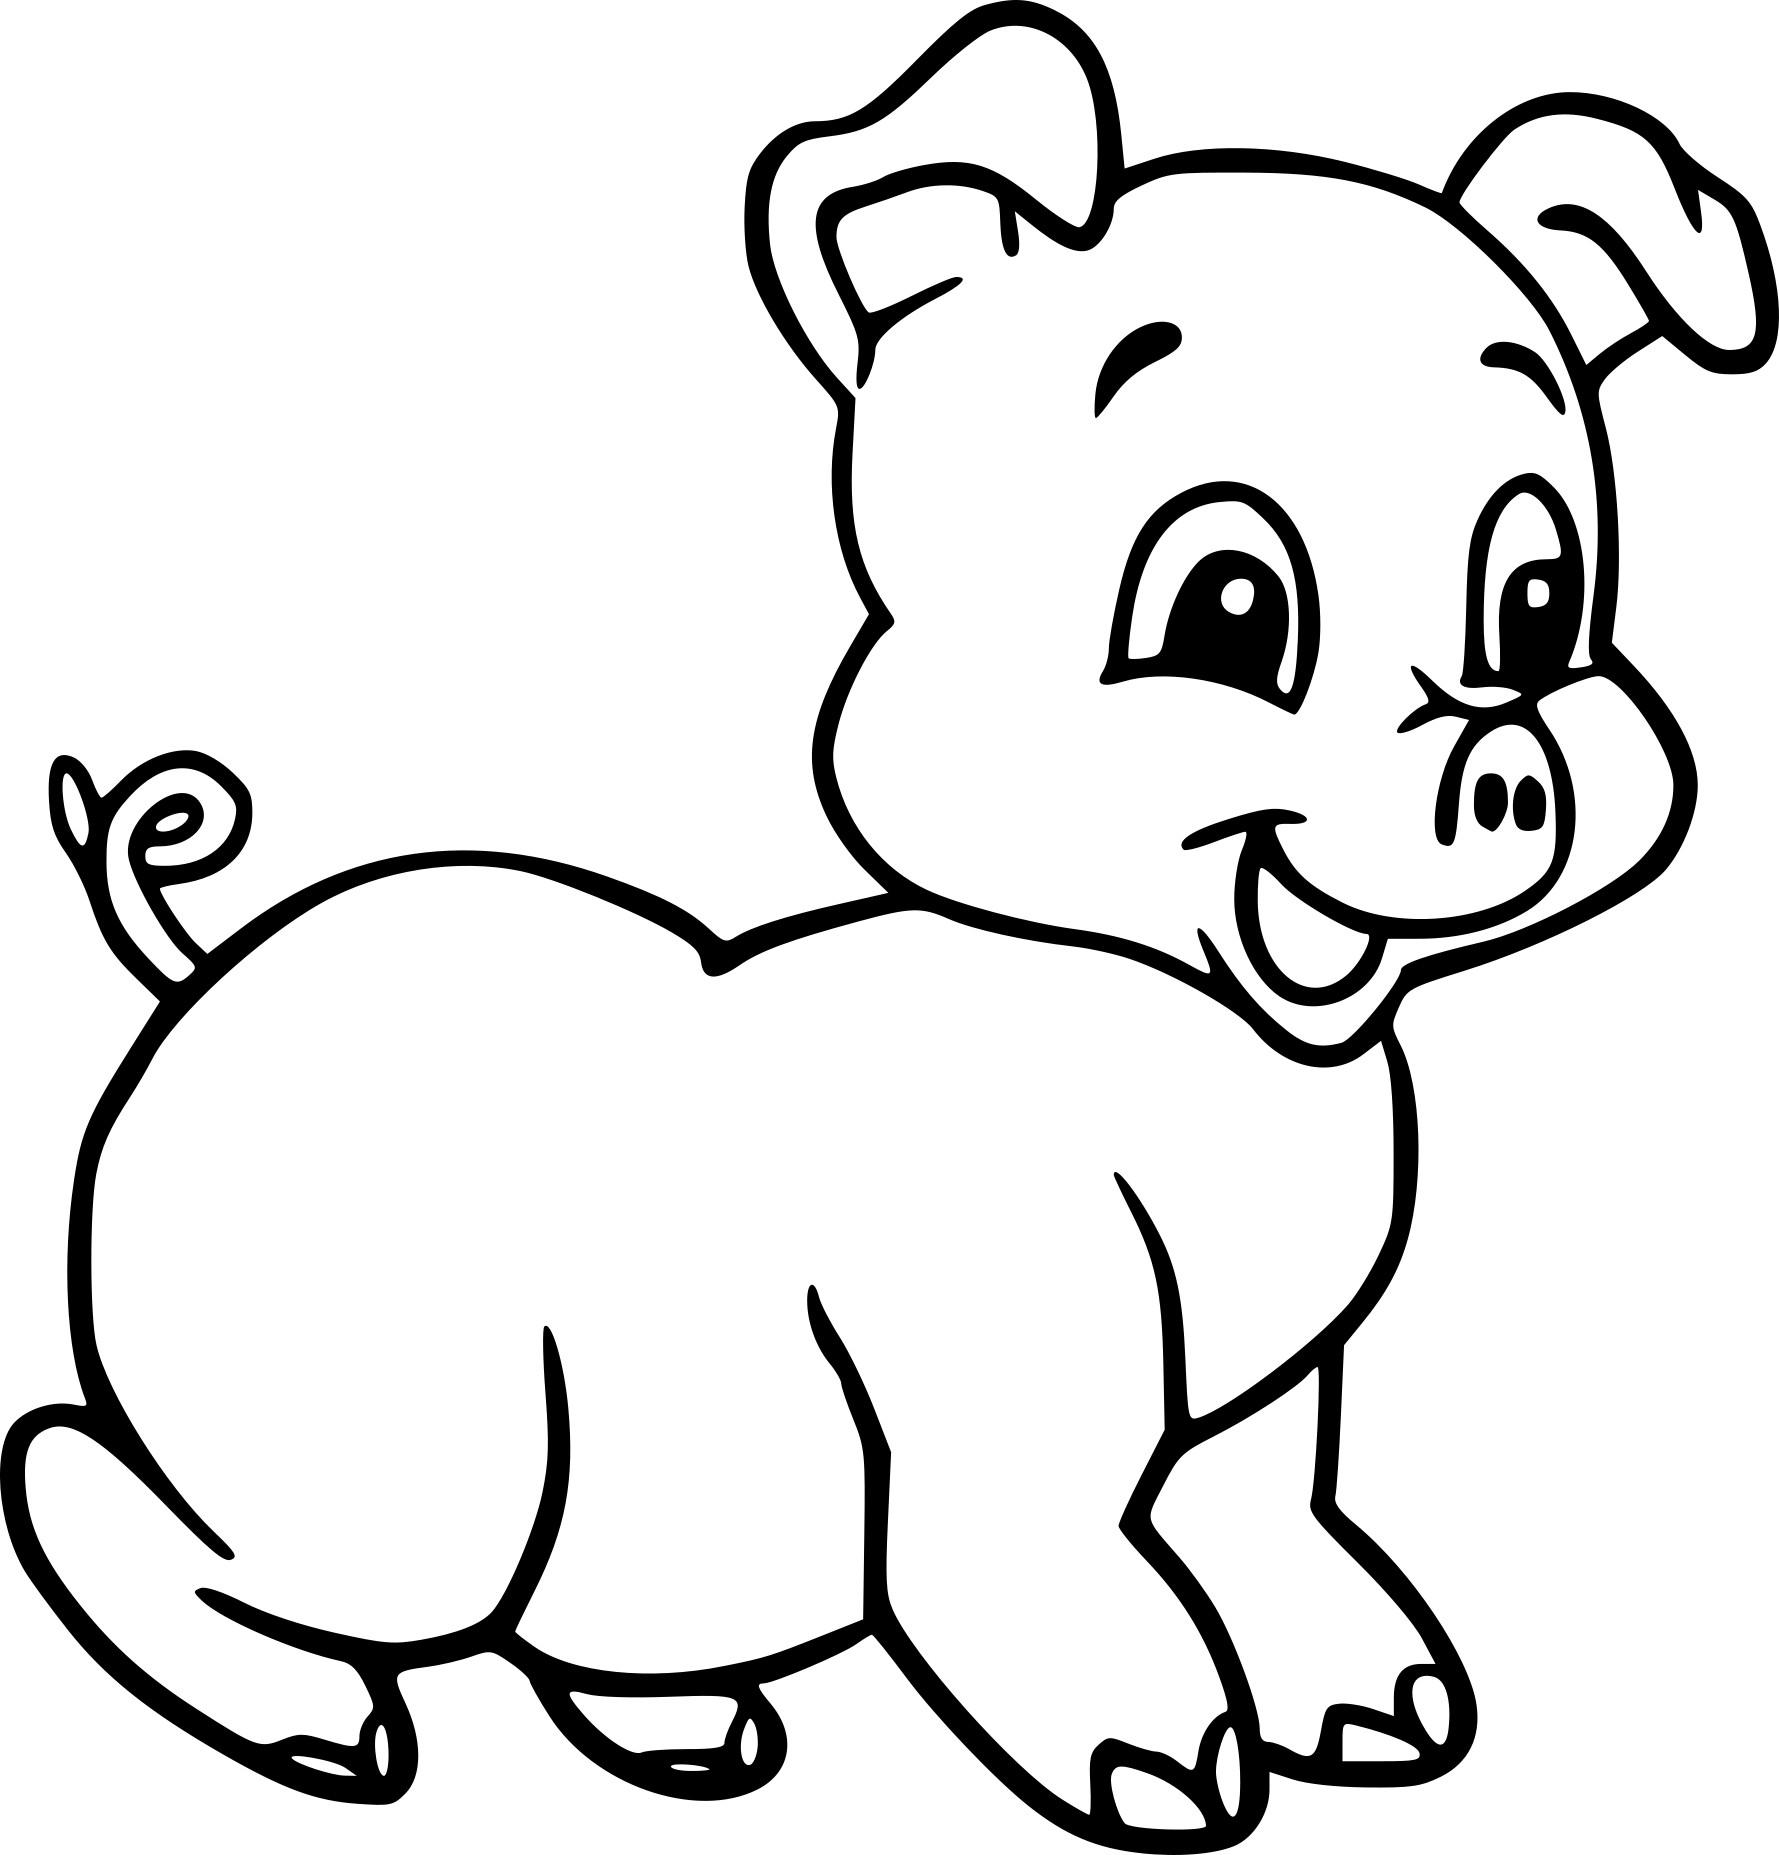 Coloriage Bébé Cochon Dessin À Imprimer Sur Coloriages pour Dessin A Colorier Cochon